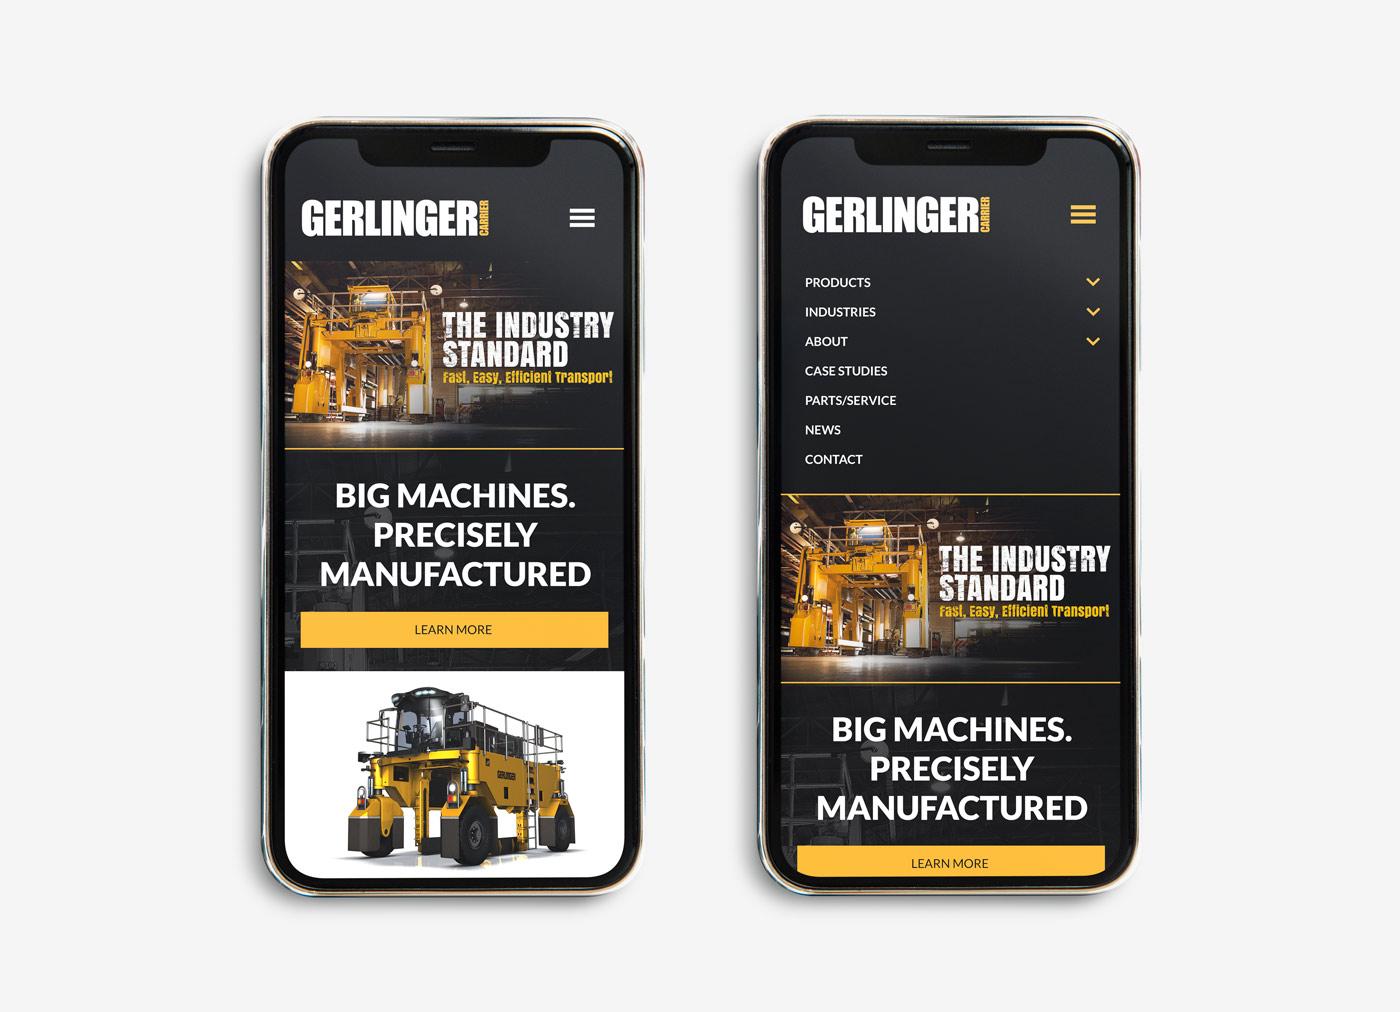 Gerlinger Carrier Website Design